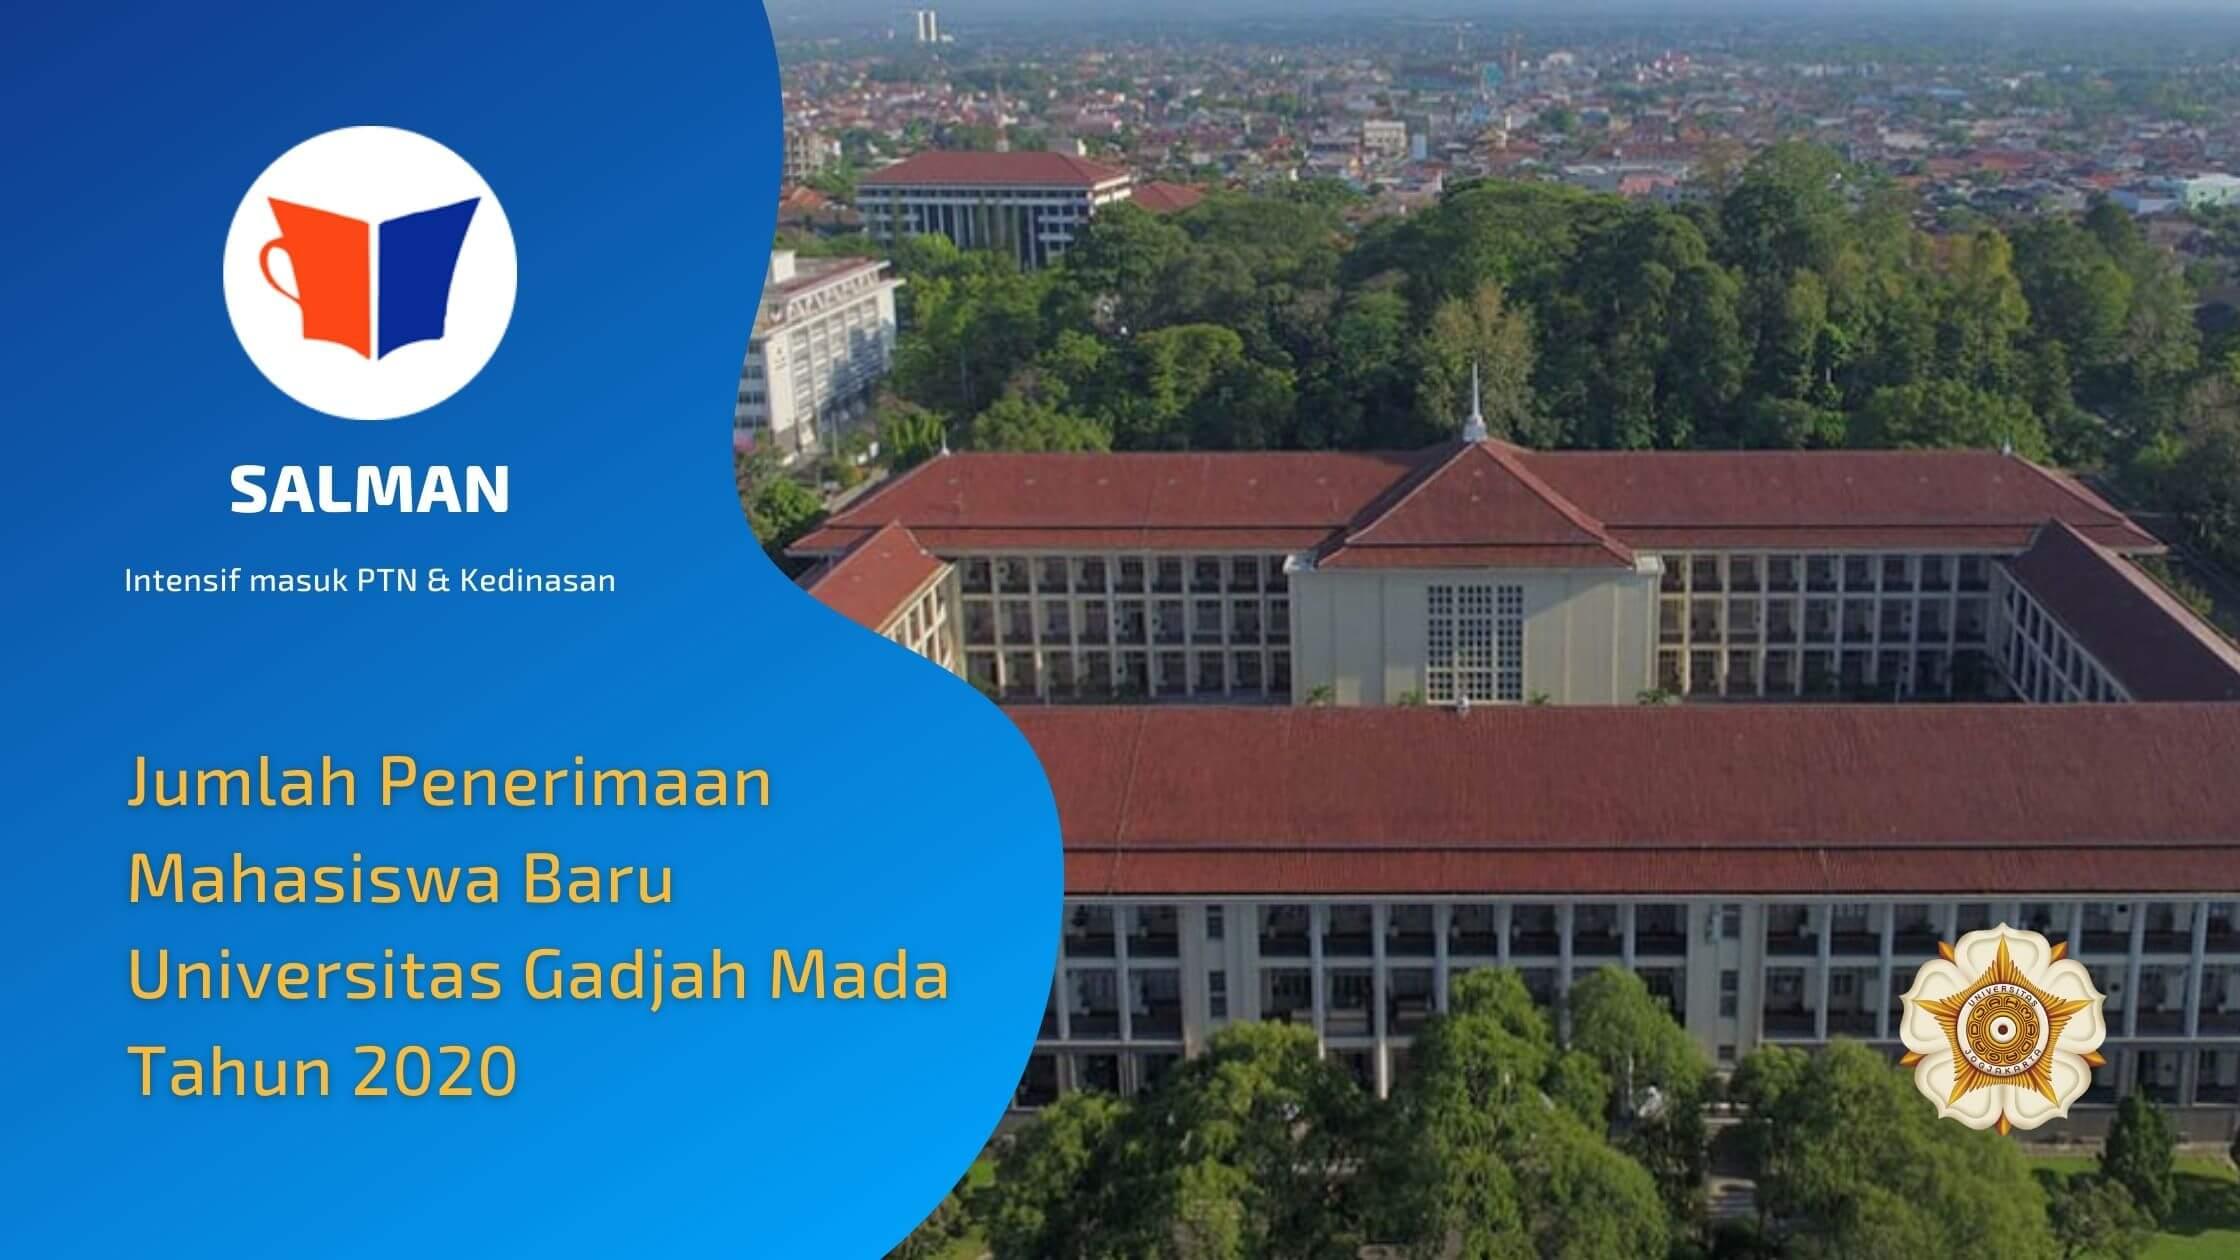 Jumlah Penerimaan Mahasiswa Baru Universitas Gadjah Mada Tahun 2020